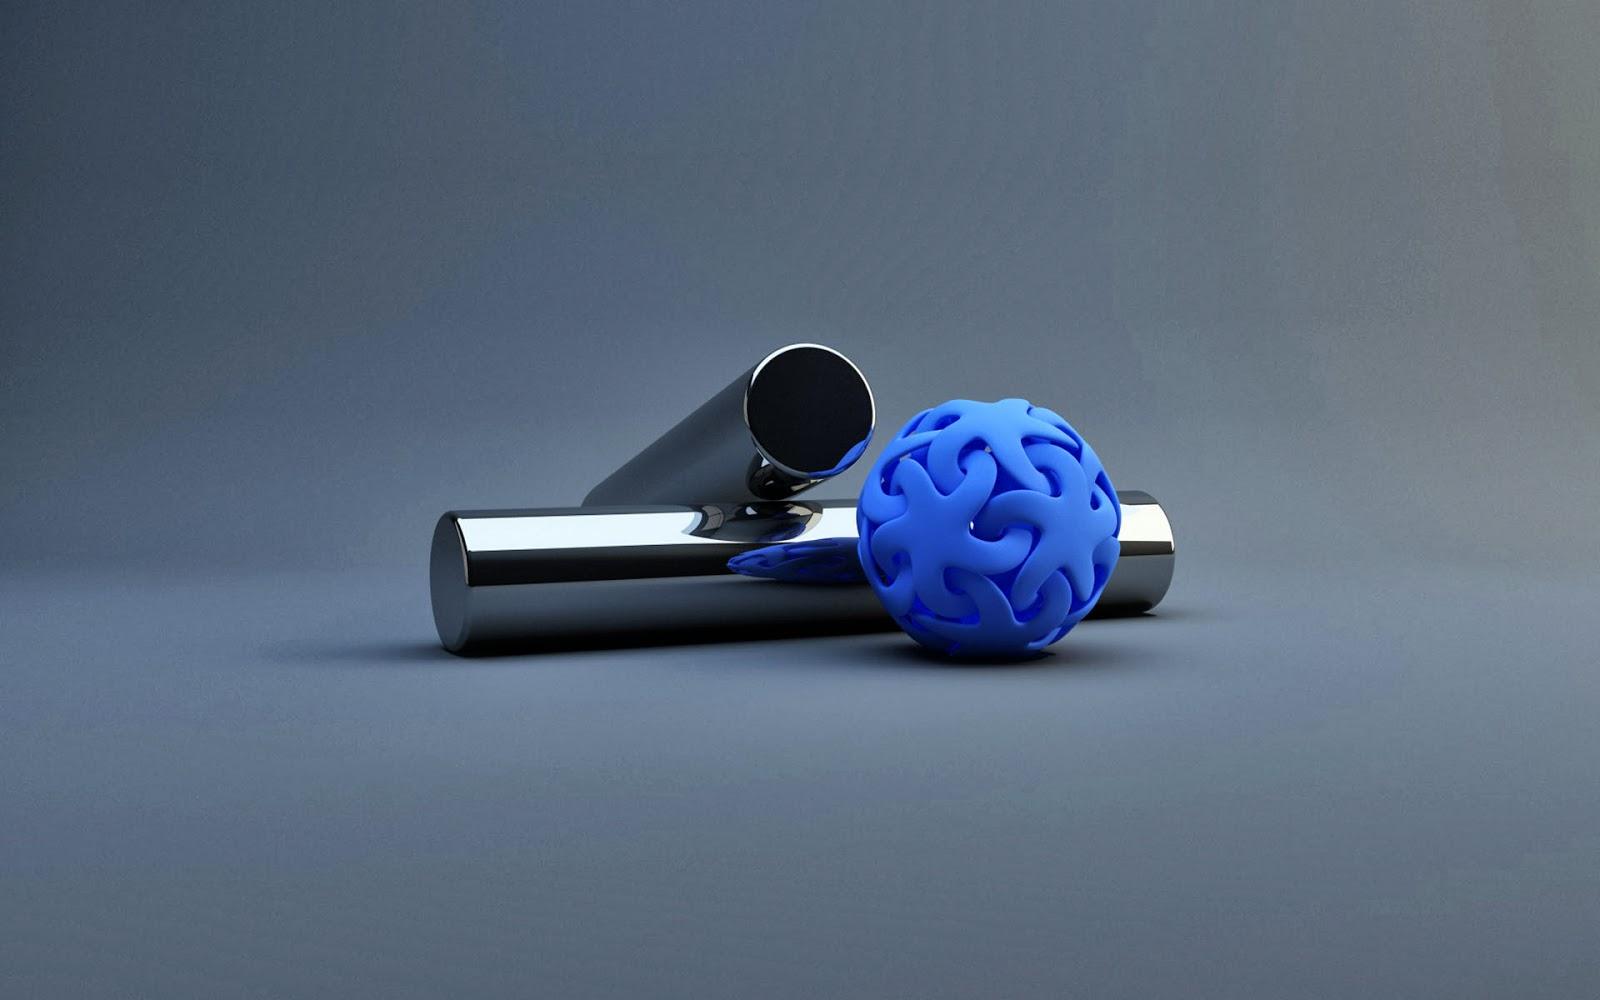 Fondo De Pantalla Abstracto Bolas Azules: Imagenes, Fondos De Pantallas Y Variedades : Fondo De